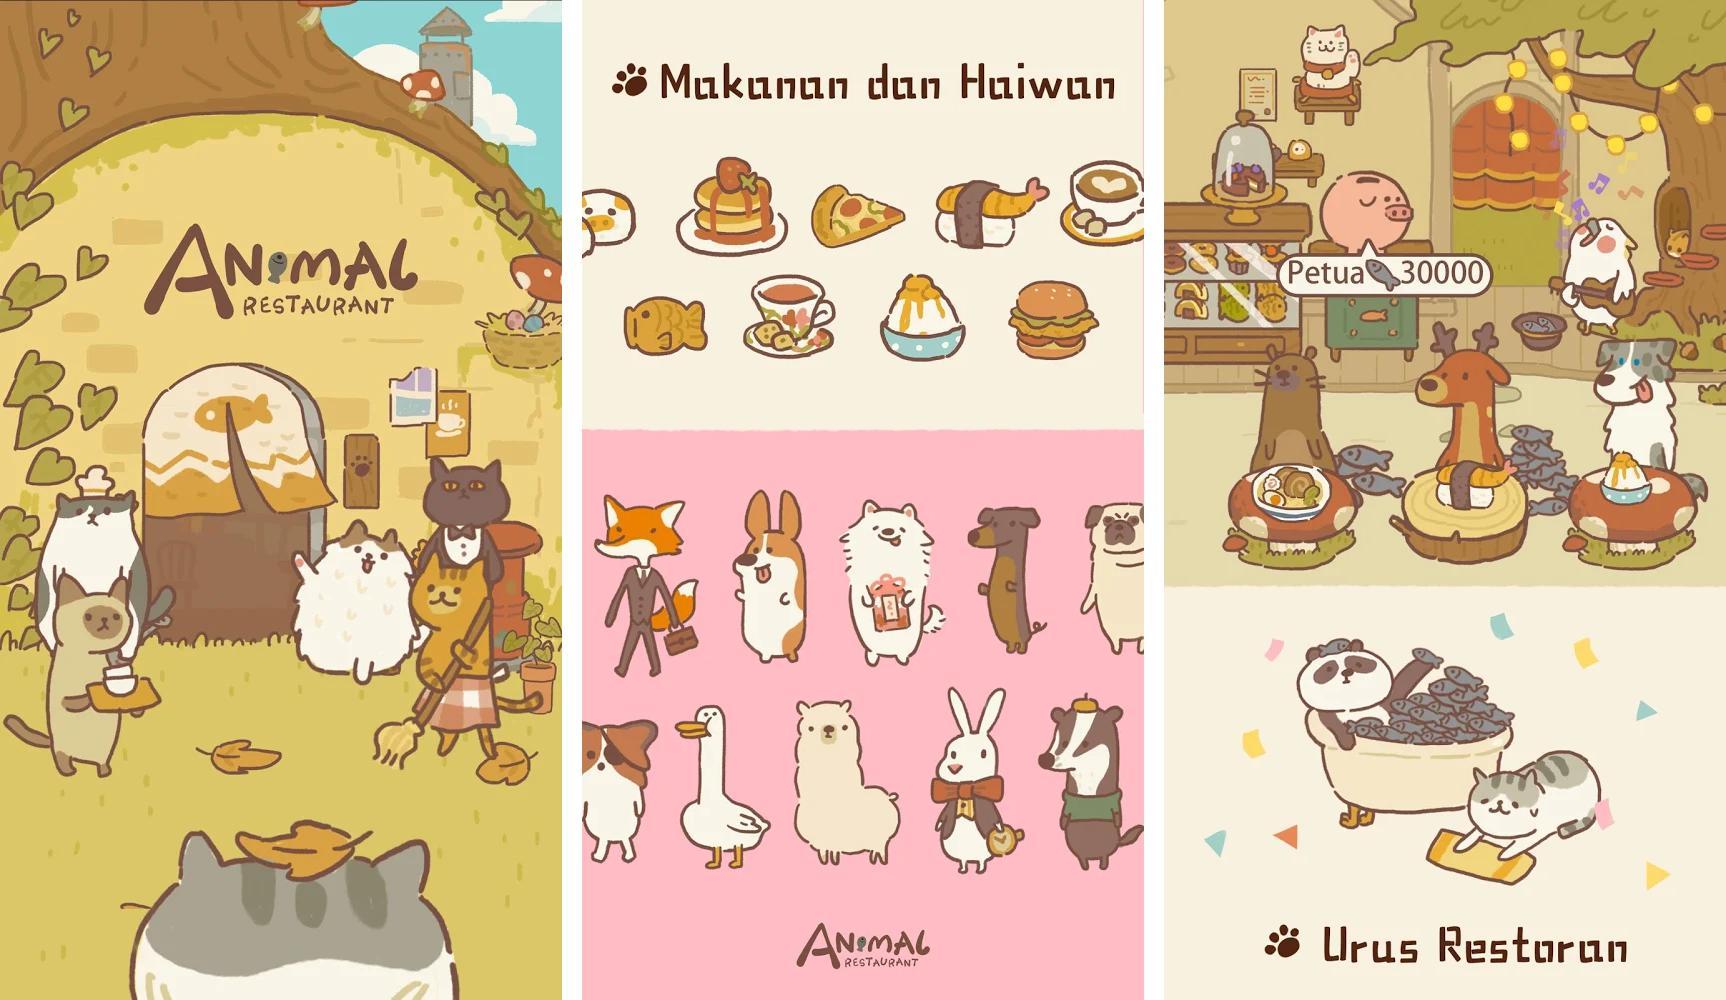 Restoran Haiwan - Animal Restaurant